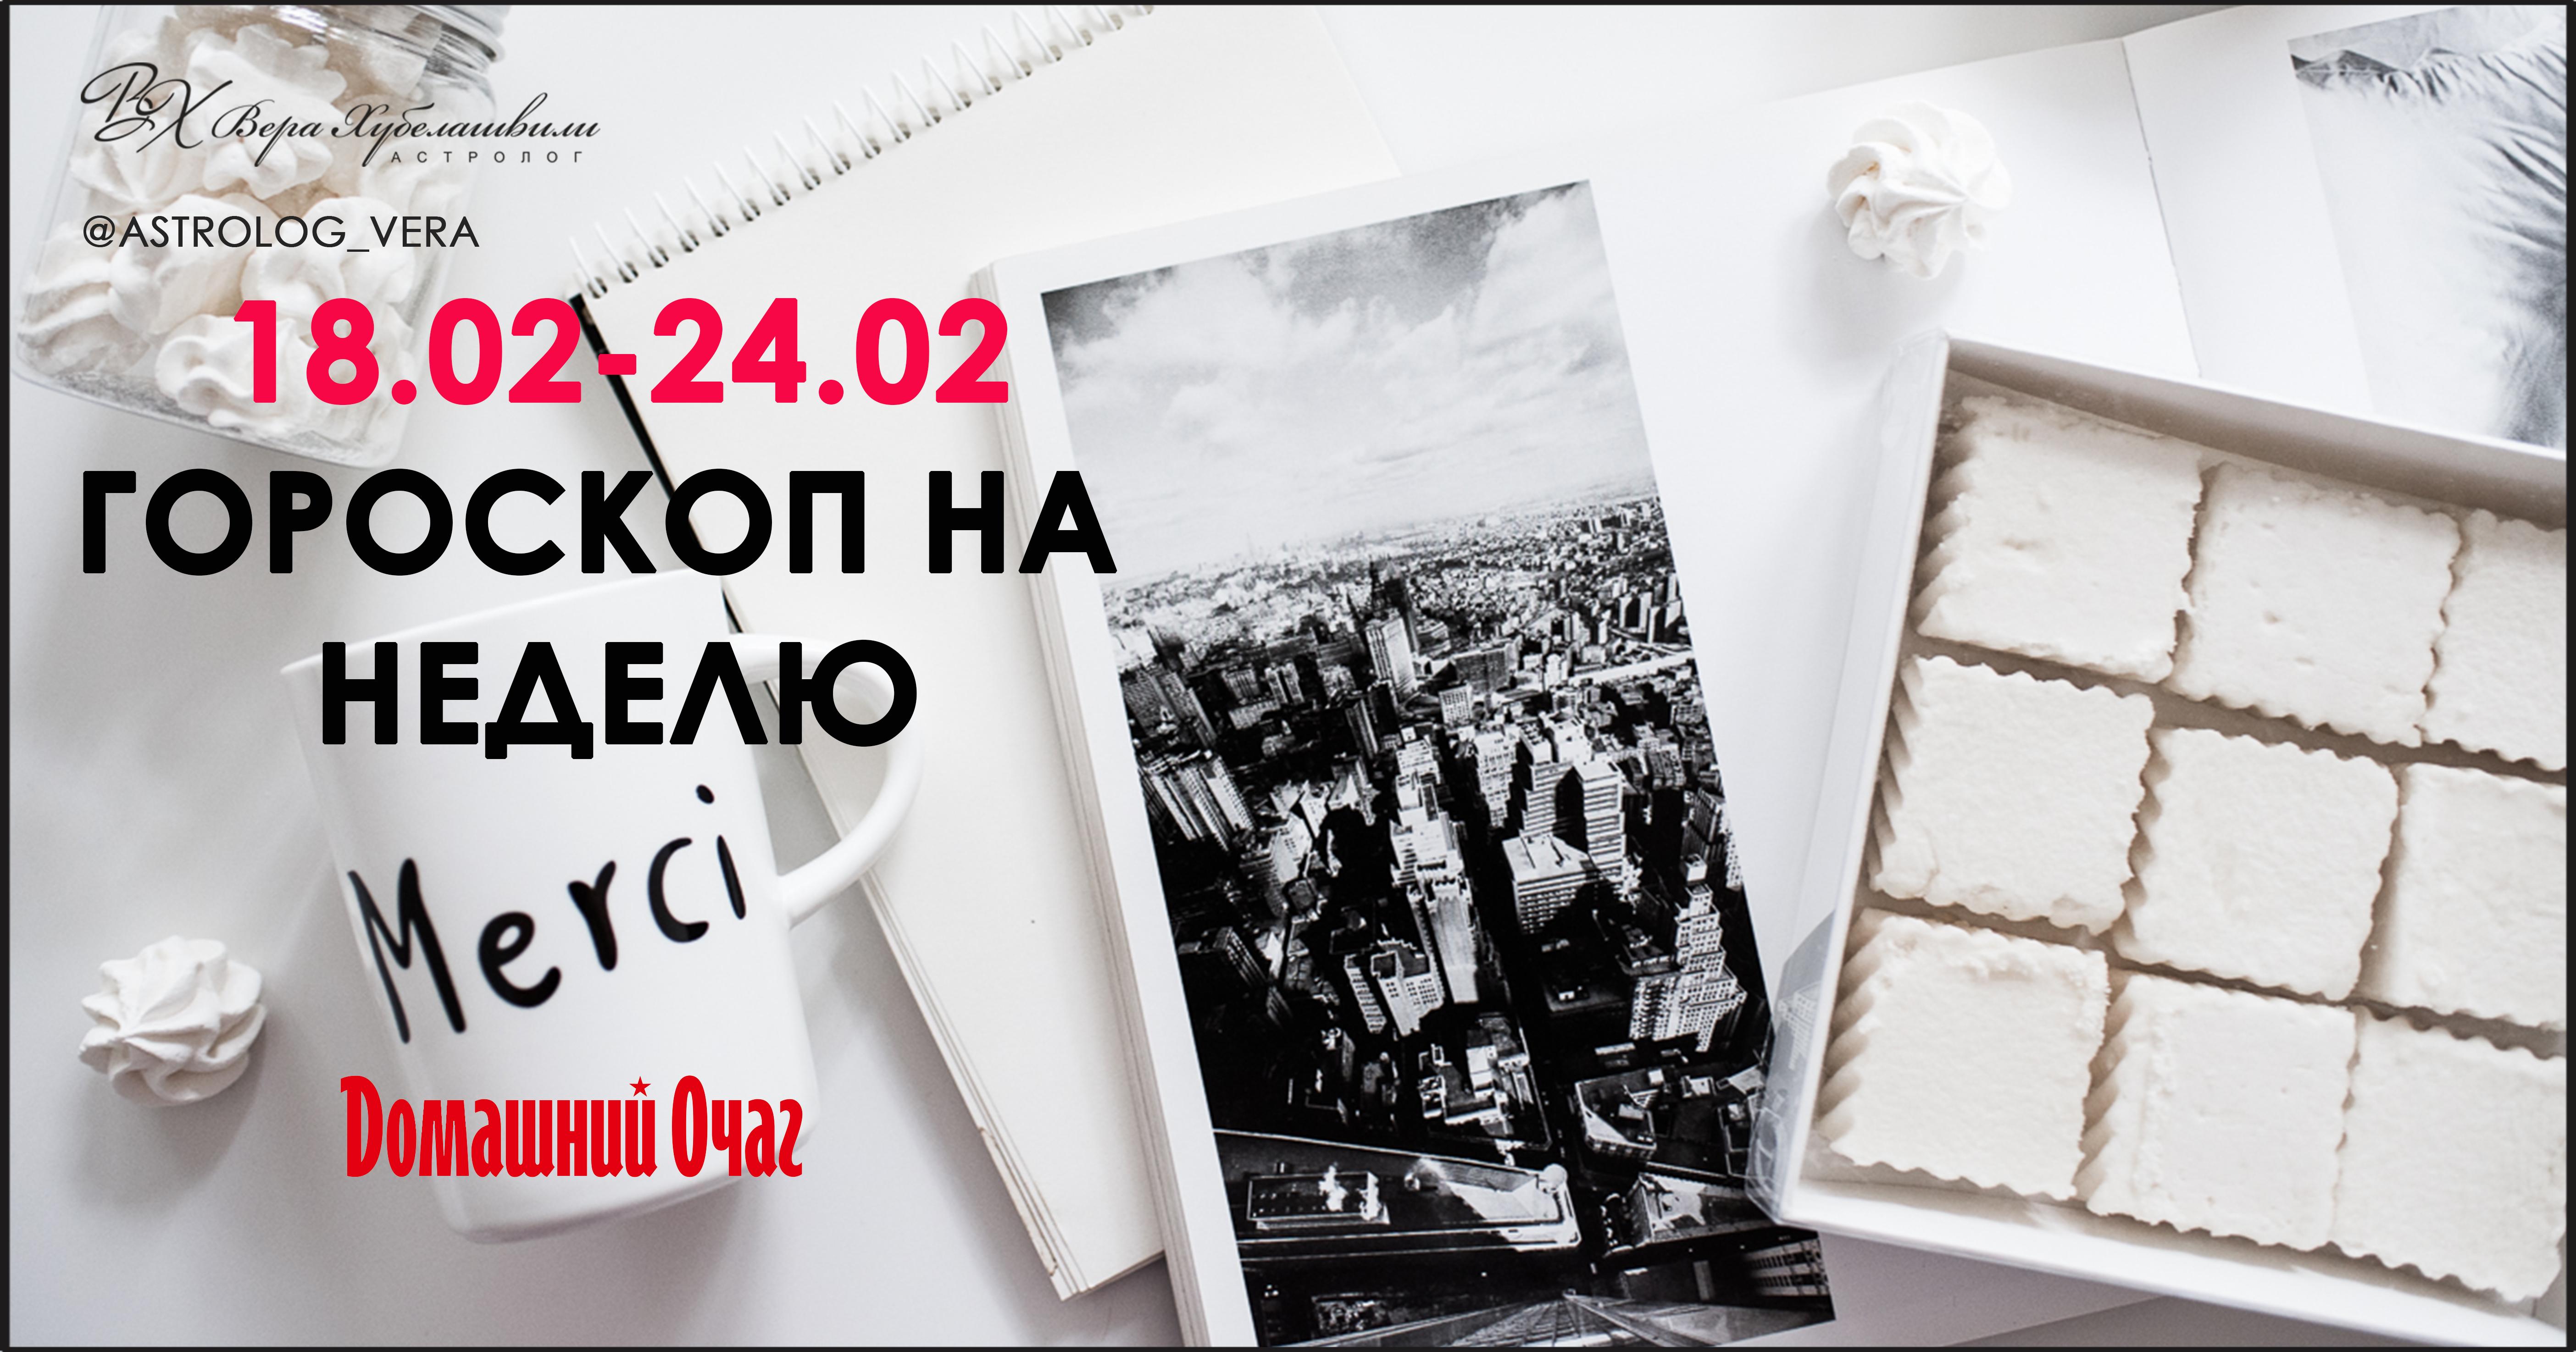 АСТРОЛОГИЧЕСКИЙ ПРОГНОЗ 18 ФЕВРАЛЯ - 24 ФЕВРАЛЯ 2019 (ДОМАШНИЙ ОЧАГ)